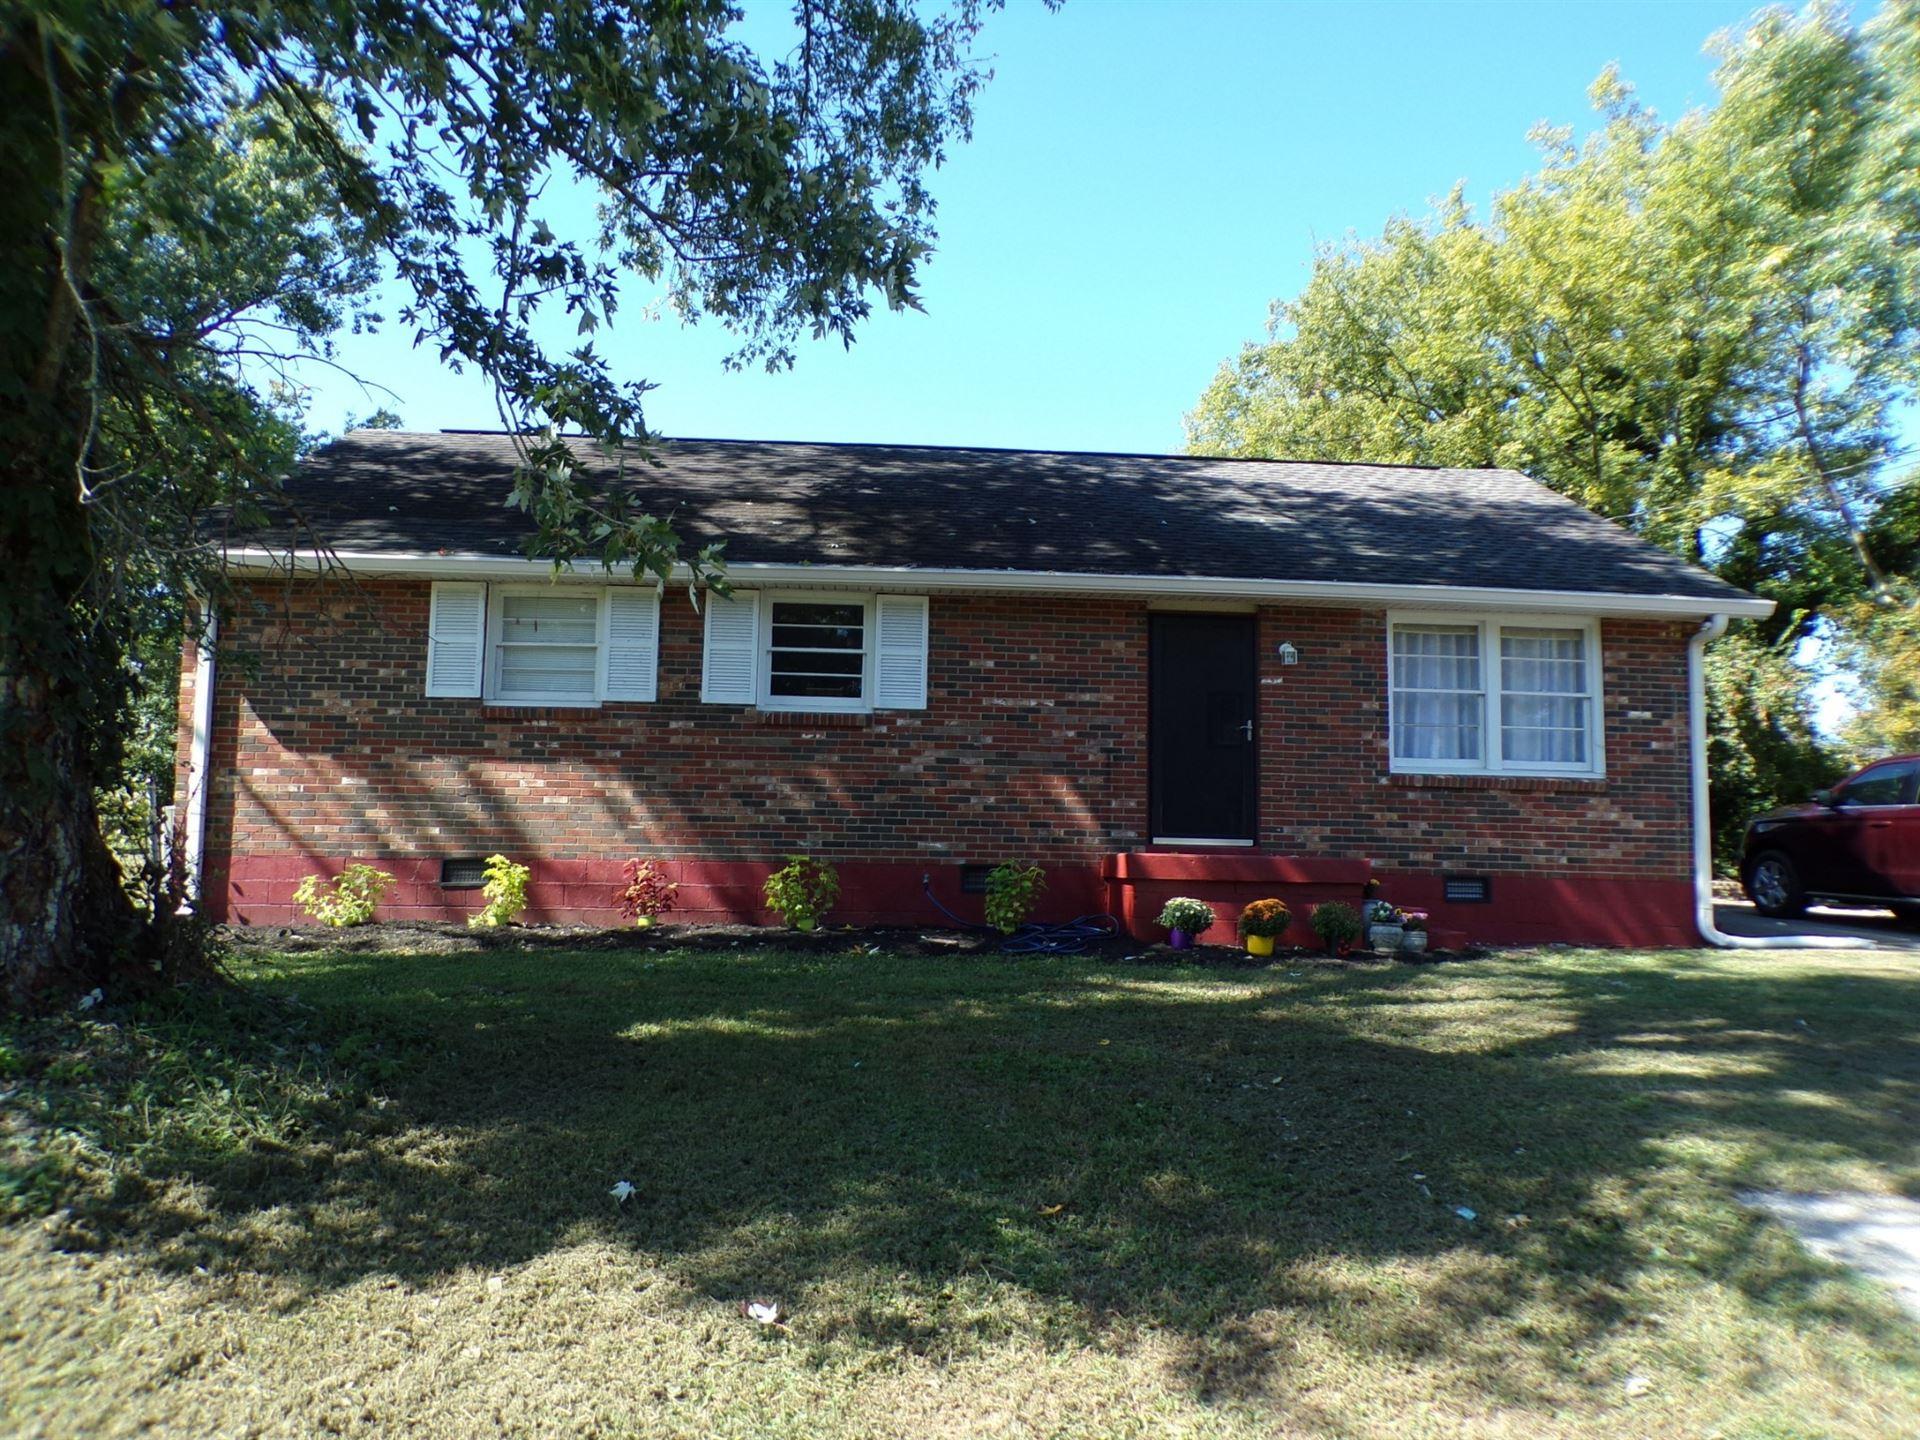 105 N. Greenhill Rd., Mount Juliet, TN 37122 - MLS#: 2197937